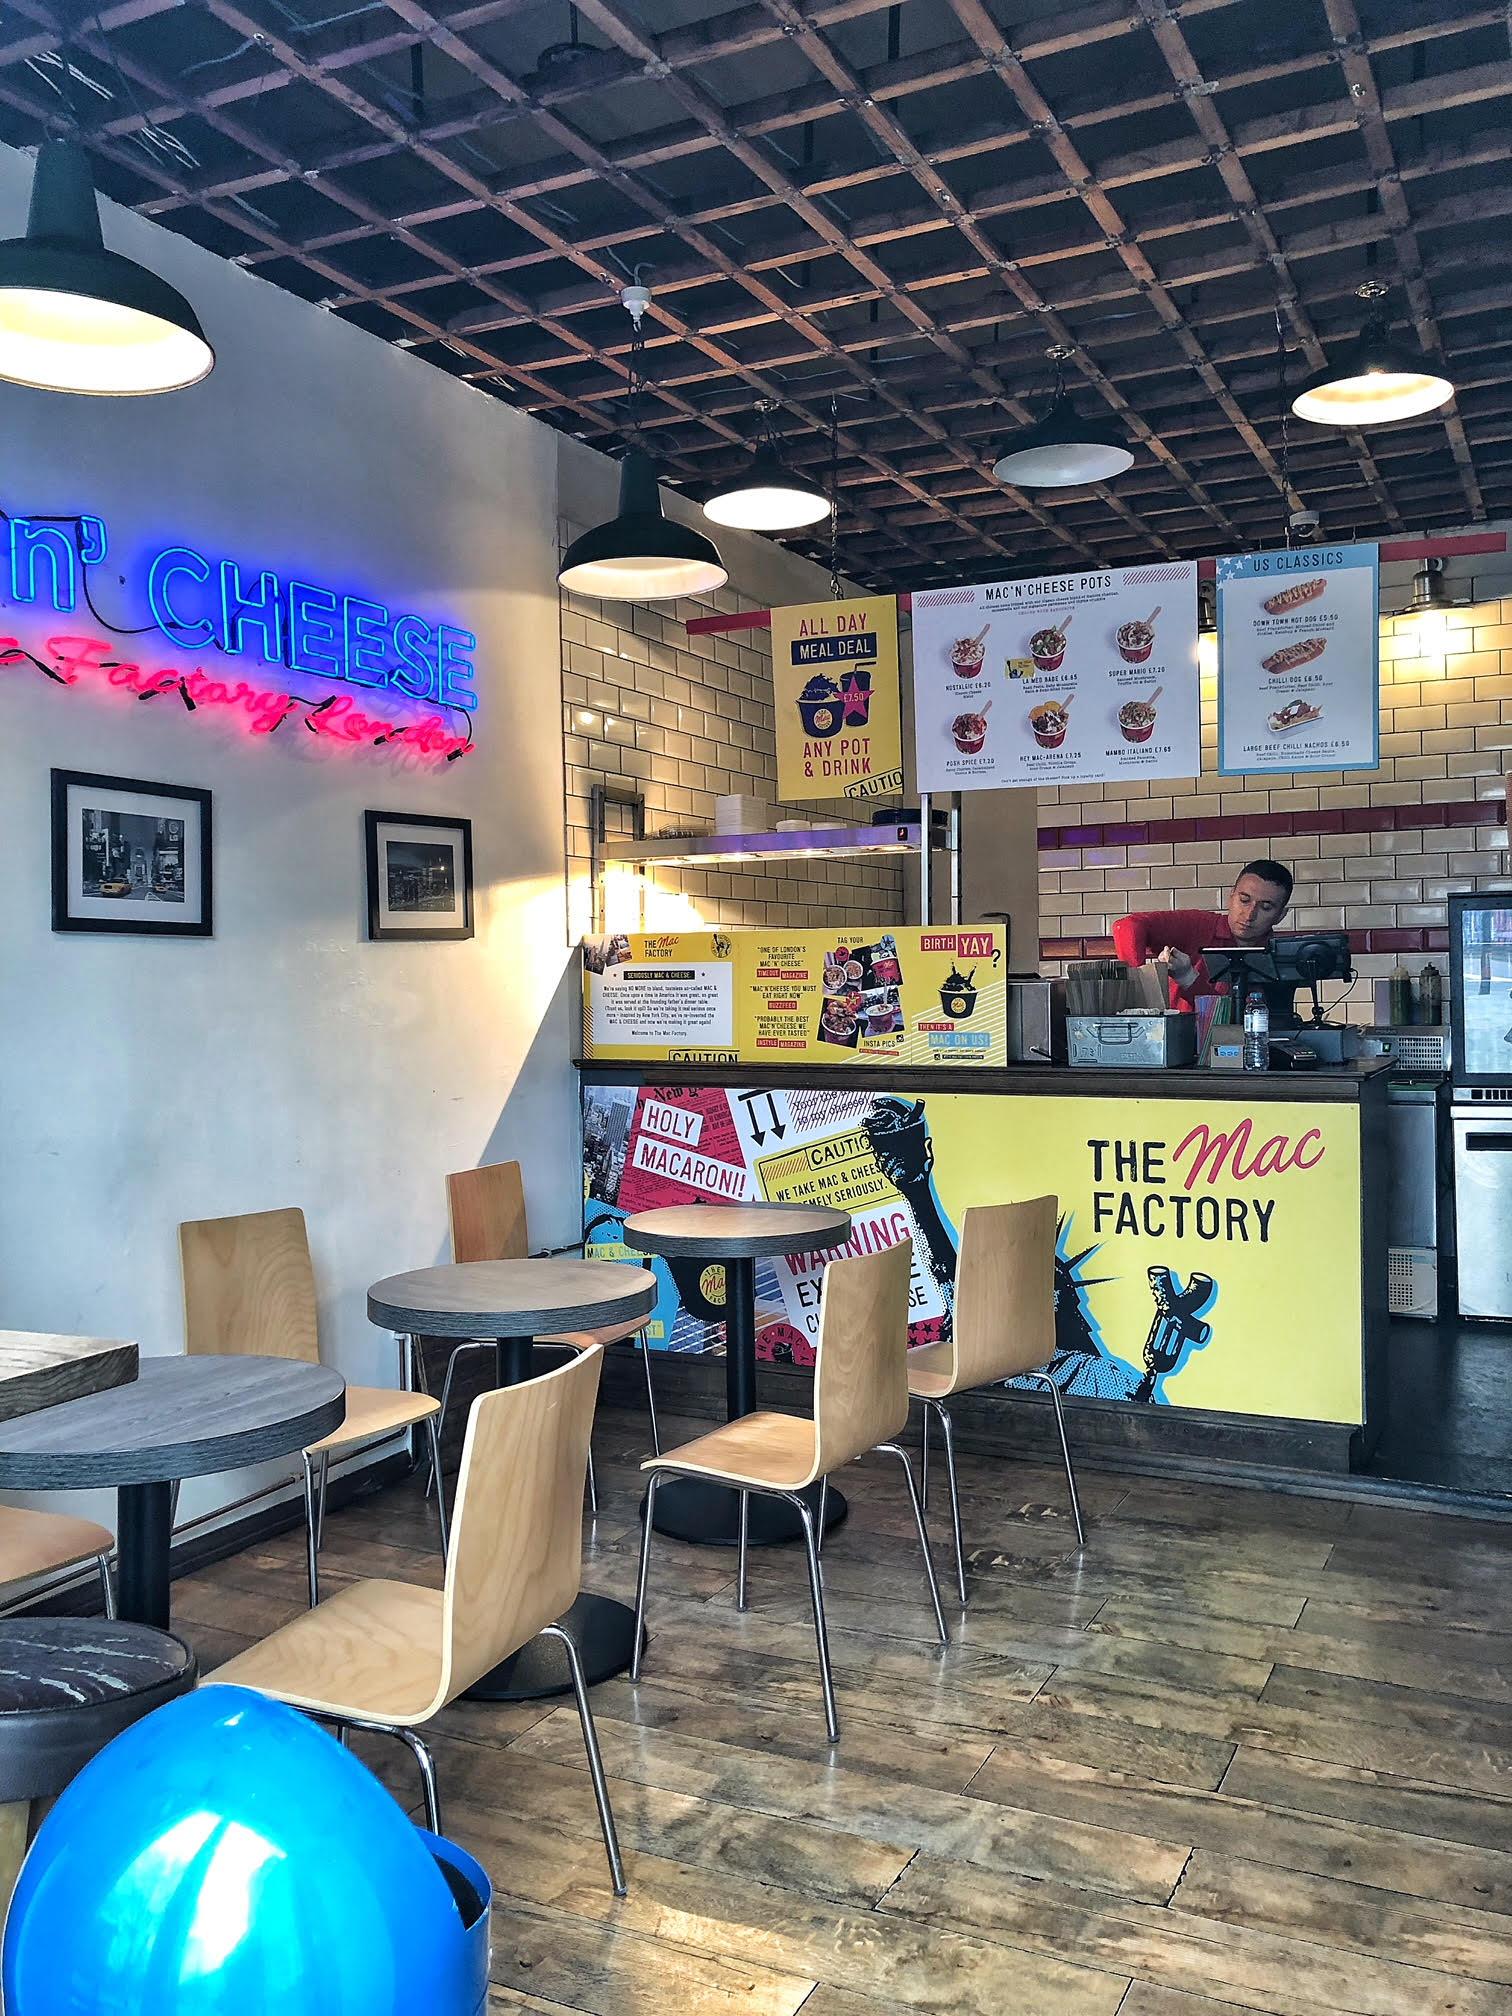 mac-cheese-mac-factory-london-camden-euston-interior